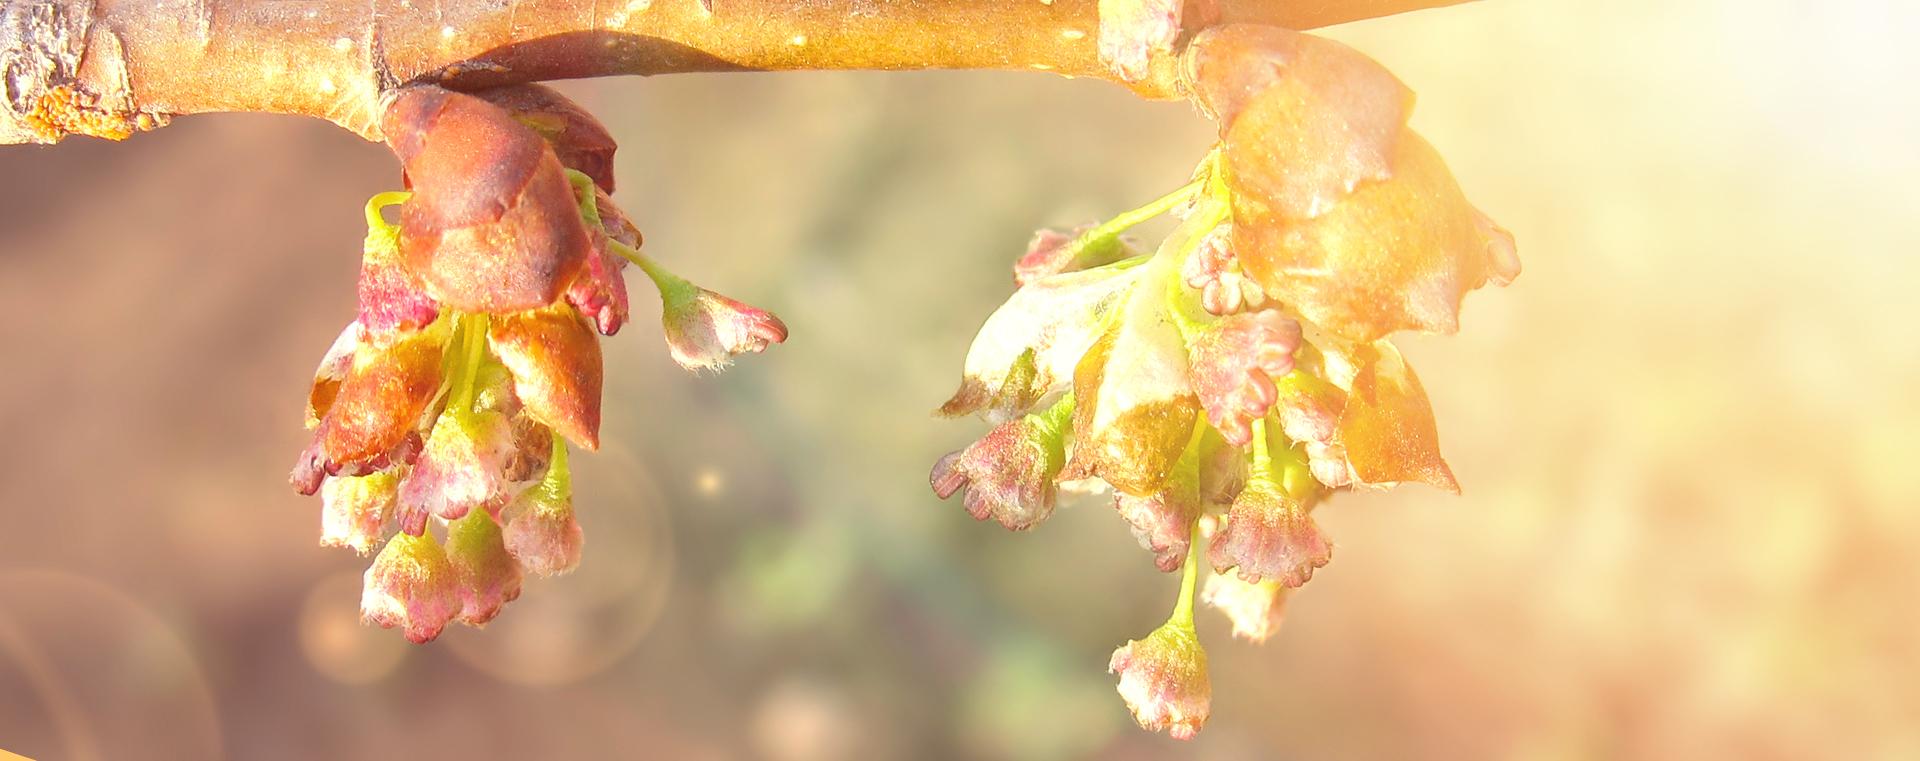 Elm Ulme Verzagtheit und Verzweiflung Lemon Pharma Original Bachblüten